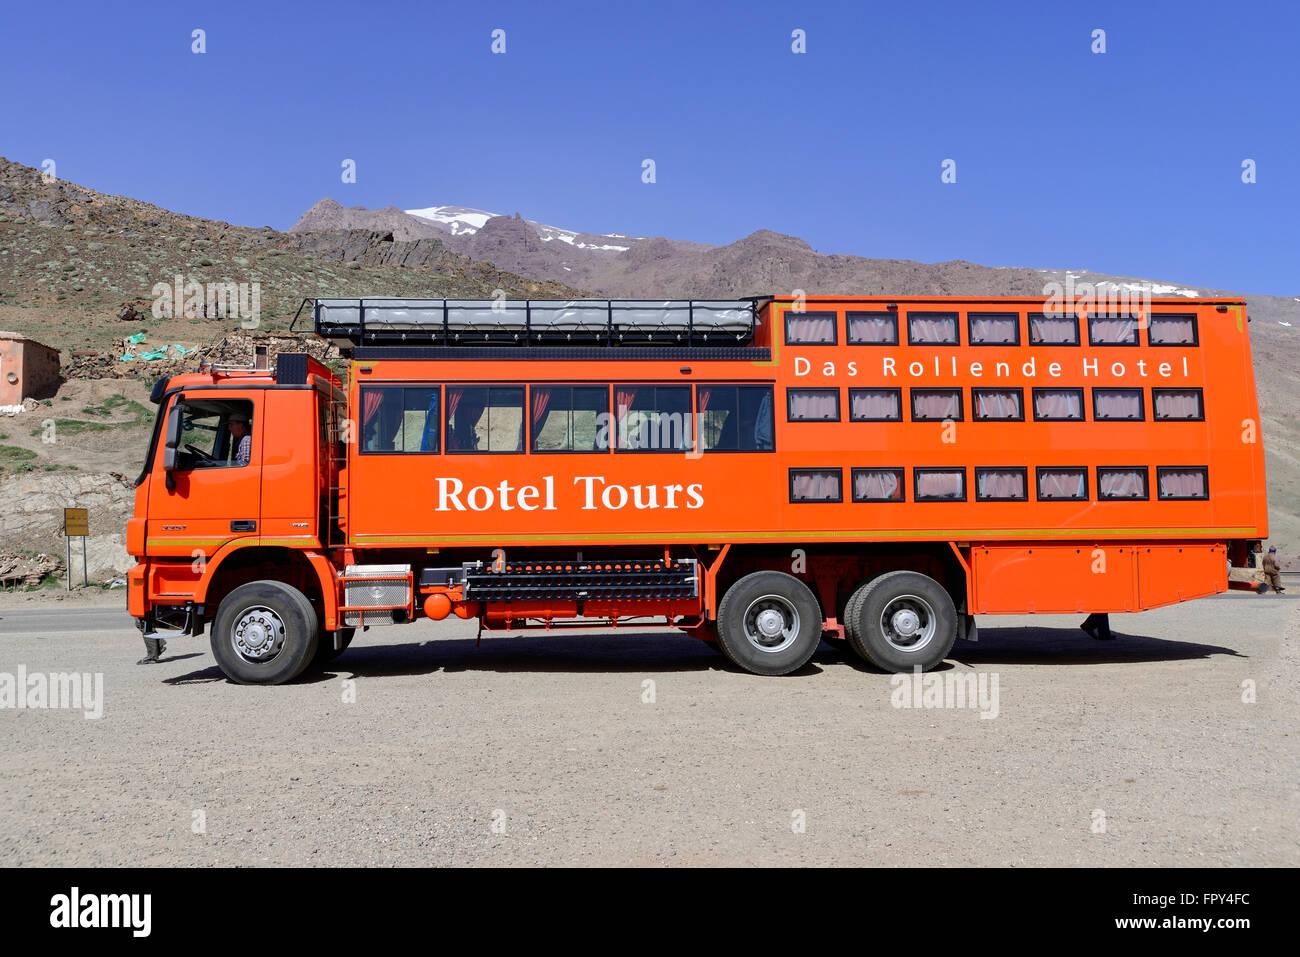 Rotel tours erfahrungsberichte